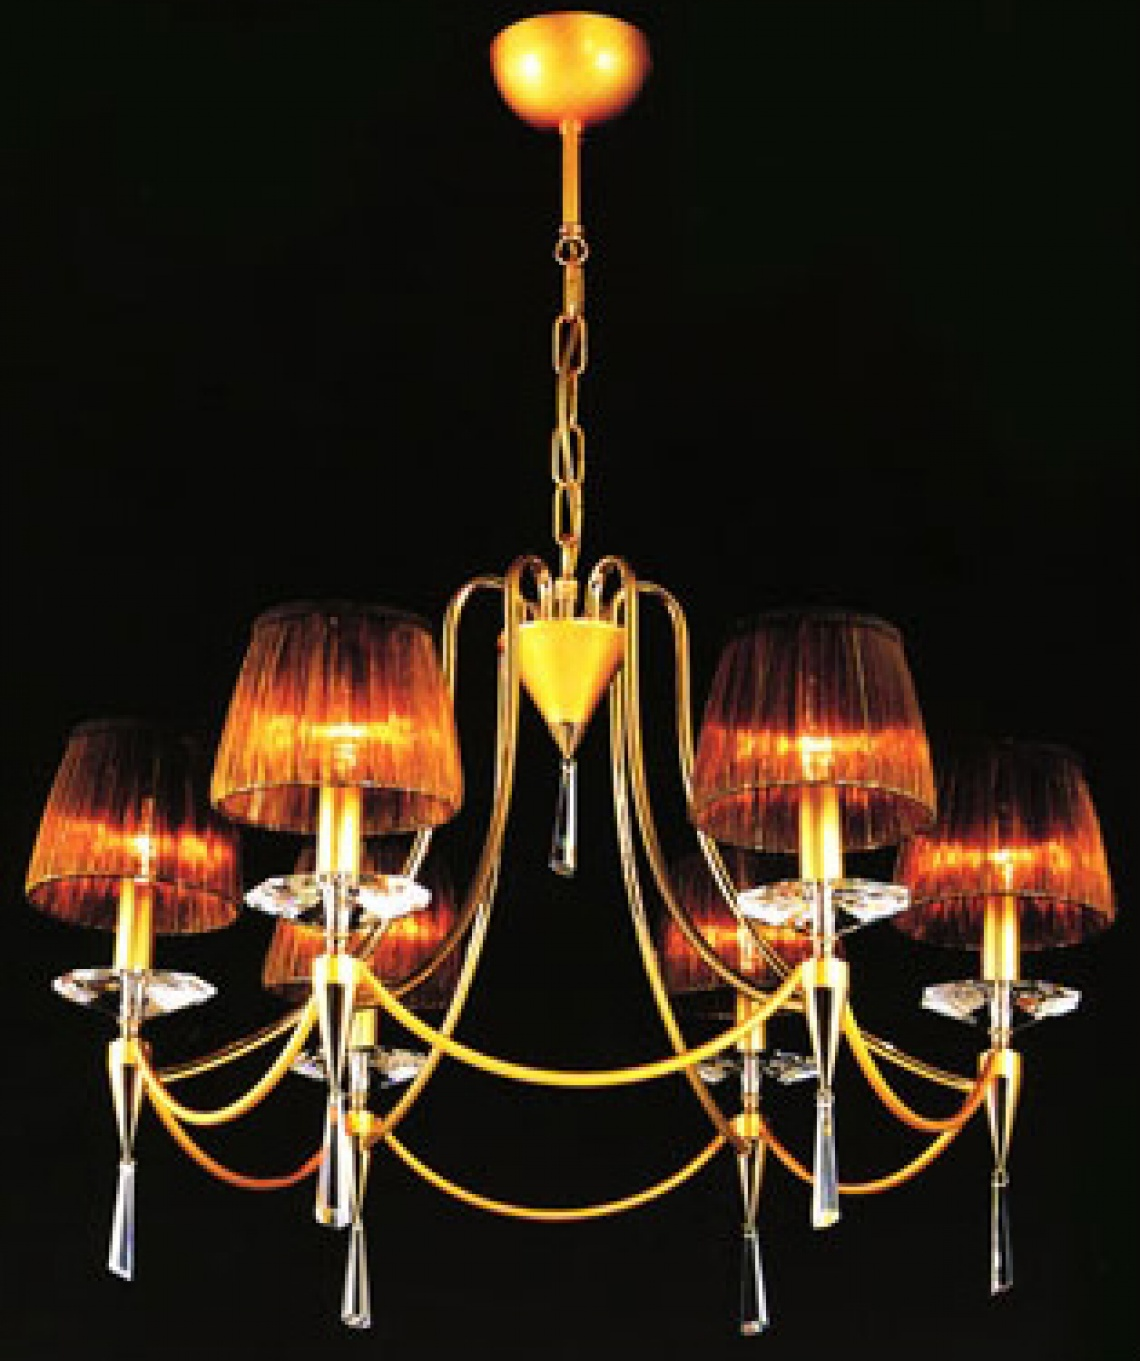 Ref 315 lampara de techo categor a iluminaci n estilo cl sico torres y guti rrez - Lamparas lucena ...